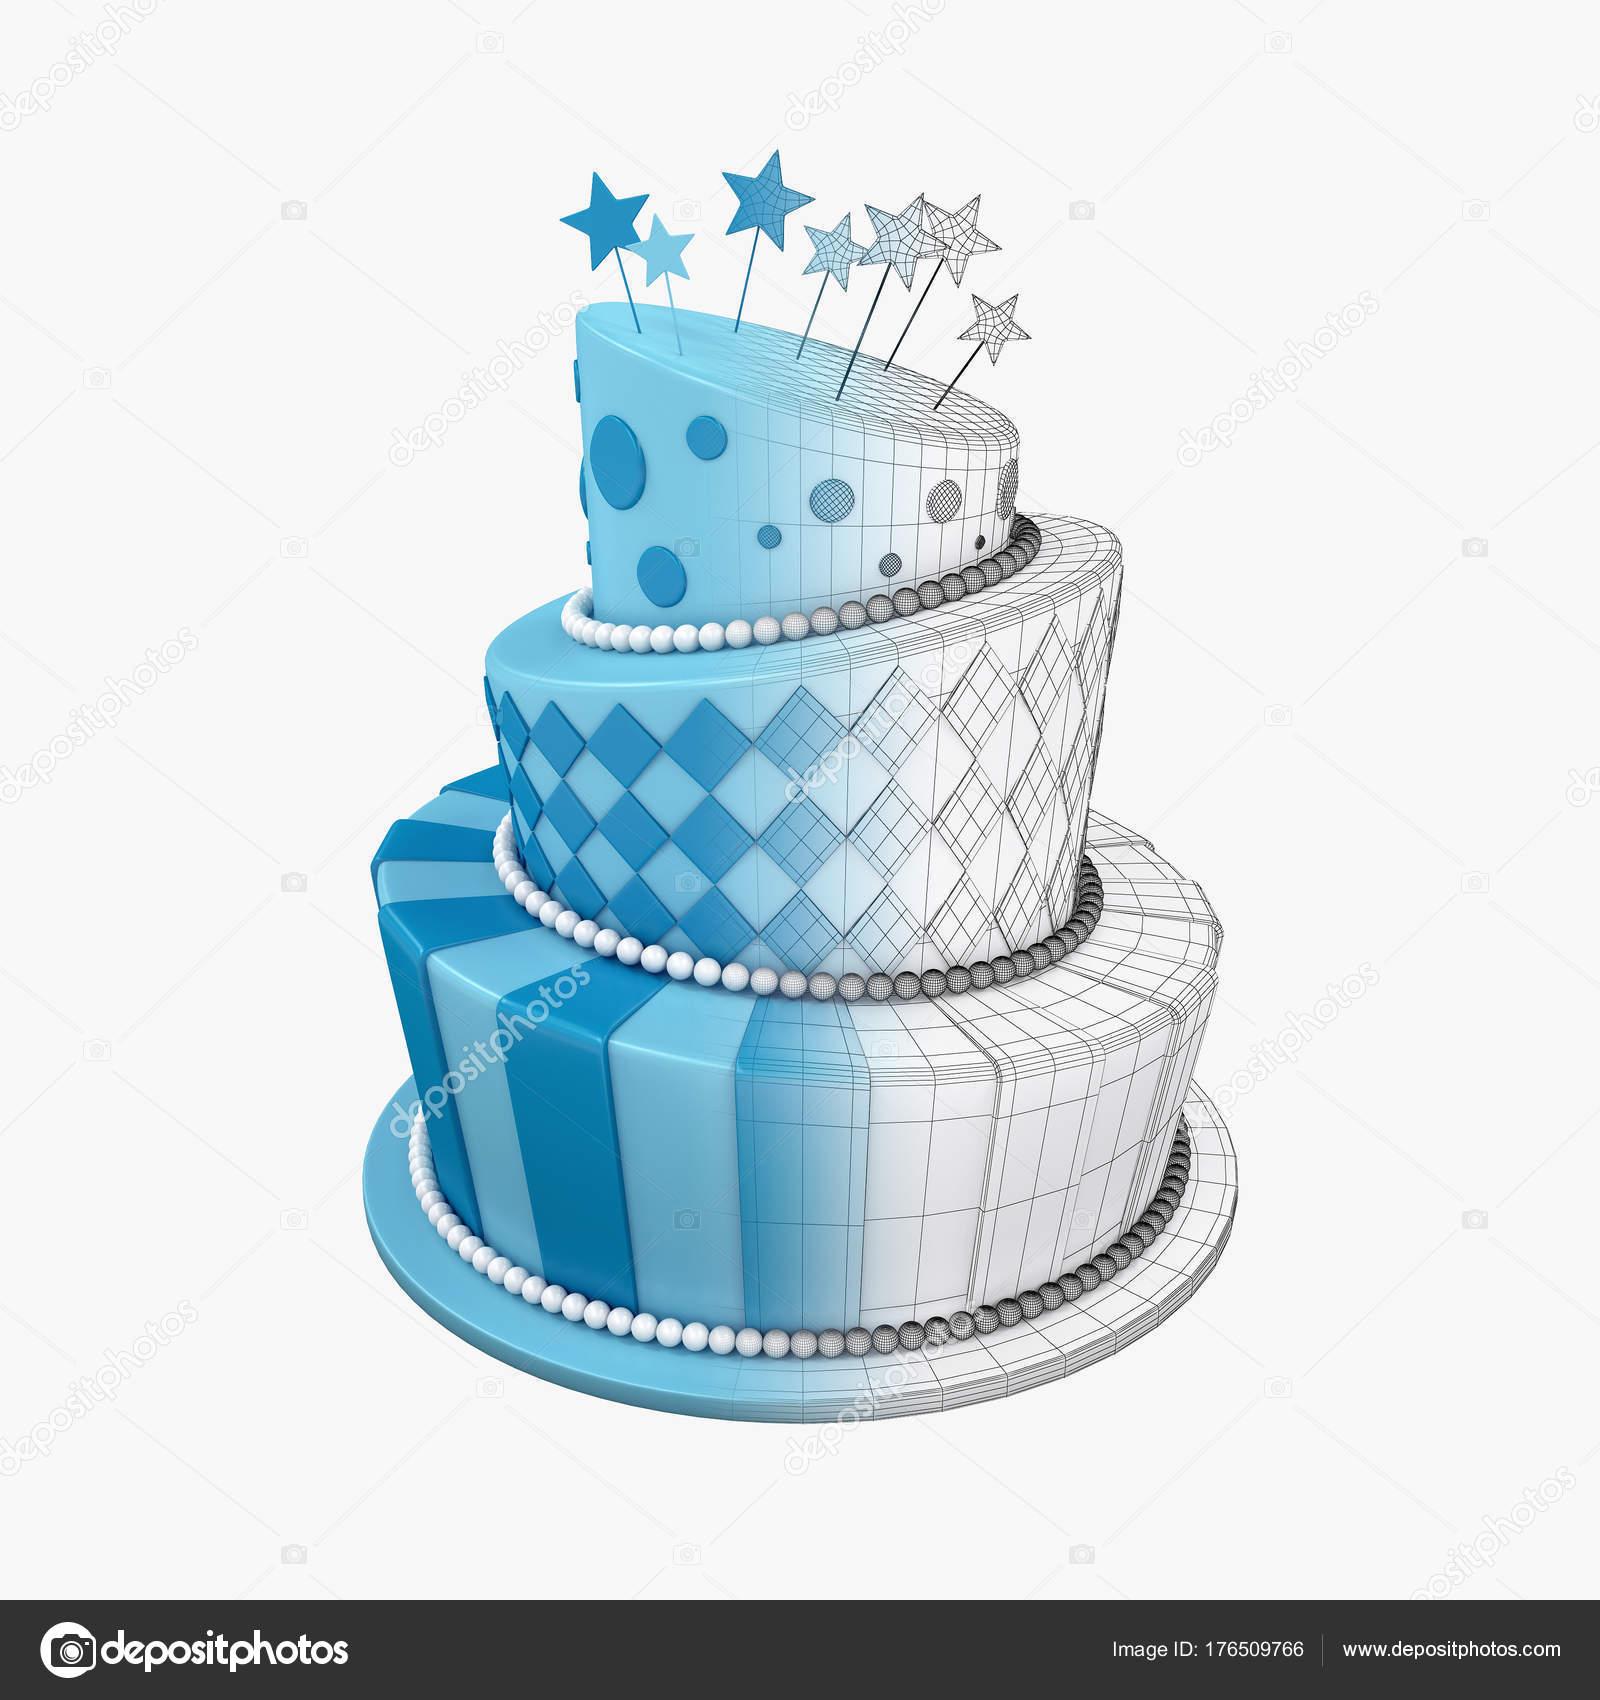 Abbildung Des Grossen Geburtstag Urlaub Drei Stock Kuchen Stockfoto